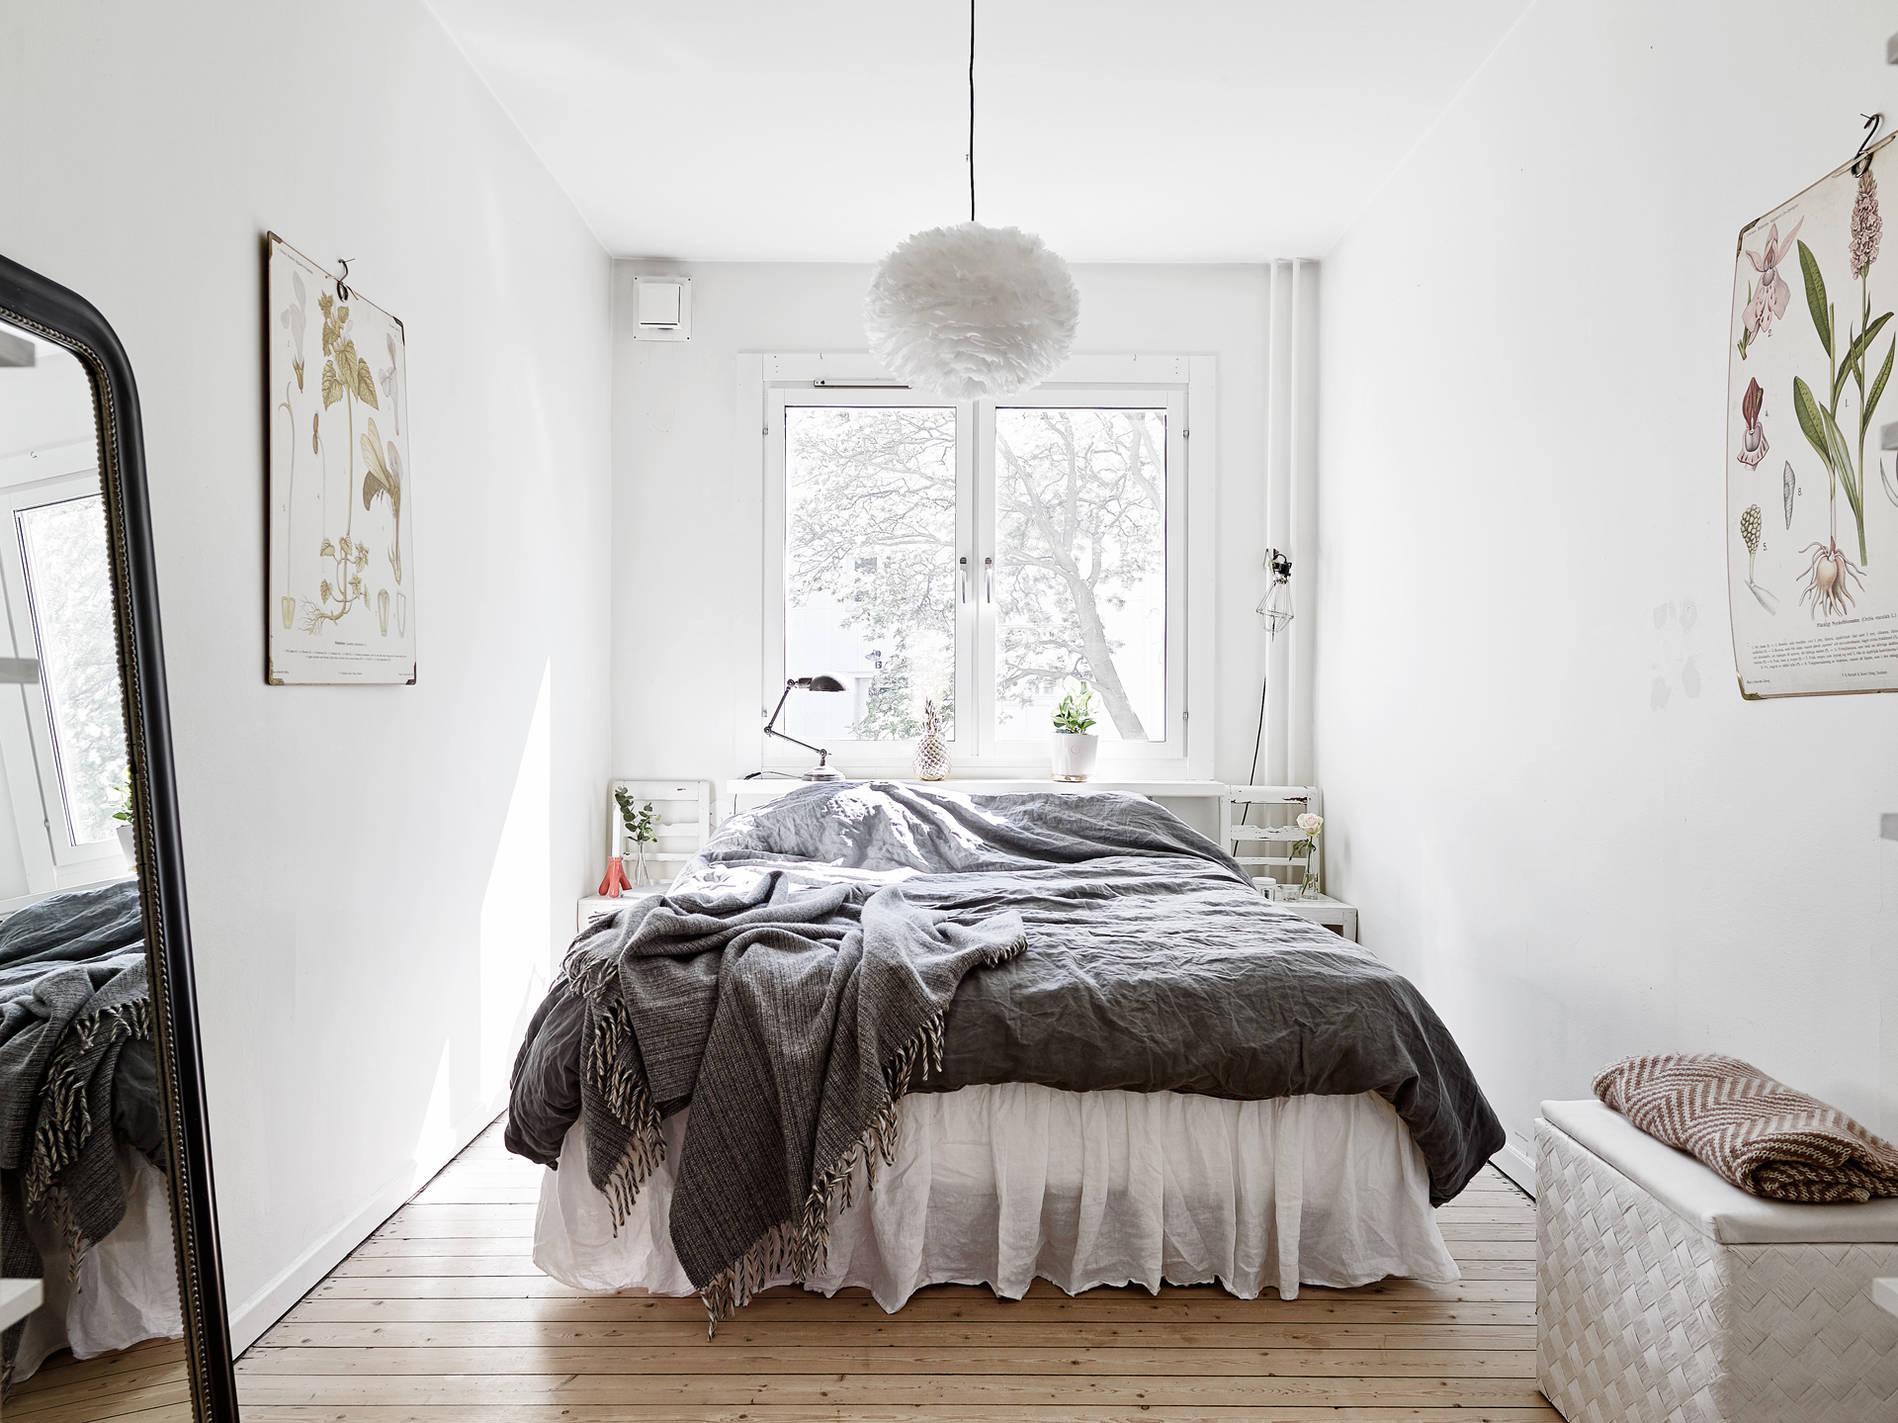 Кровать изголовьем к окну в спальне в скандинавском стиле